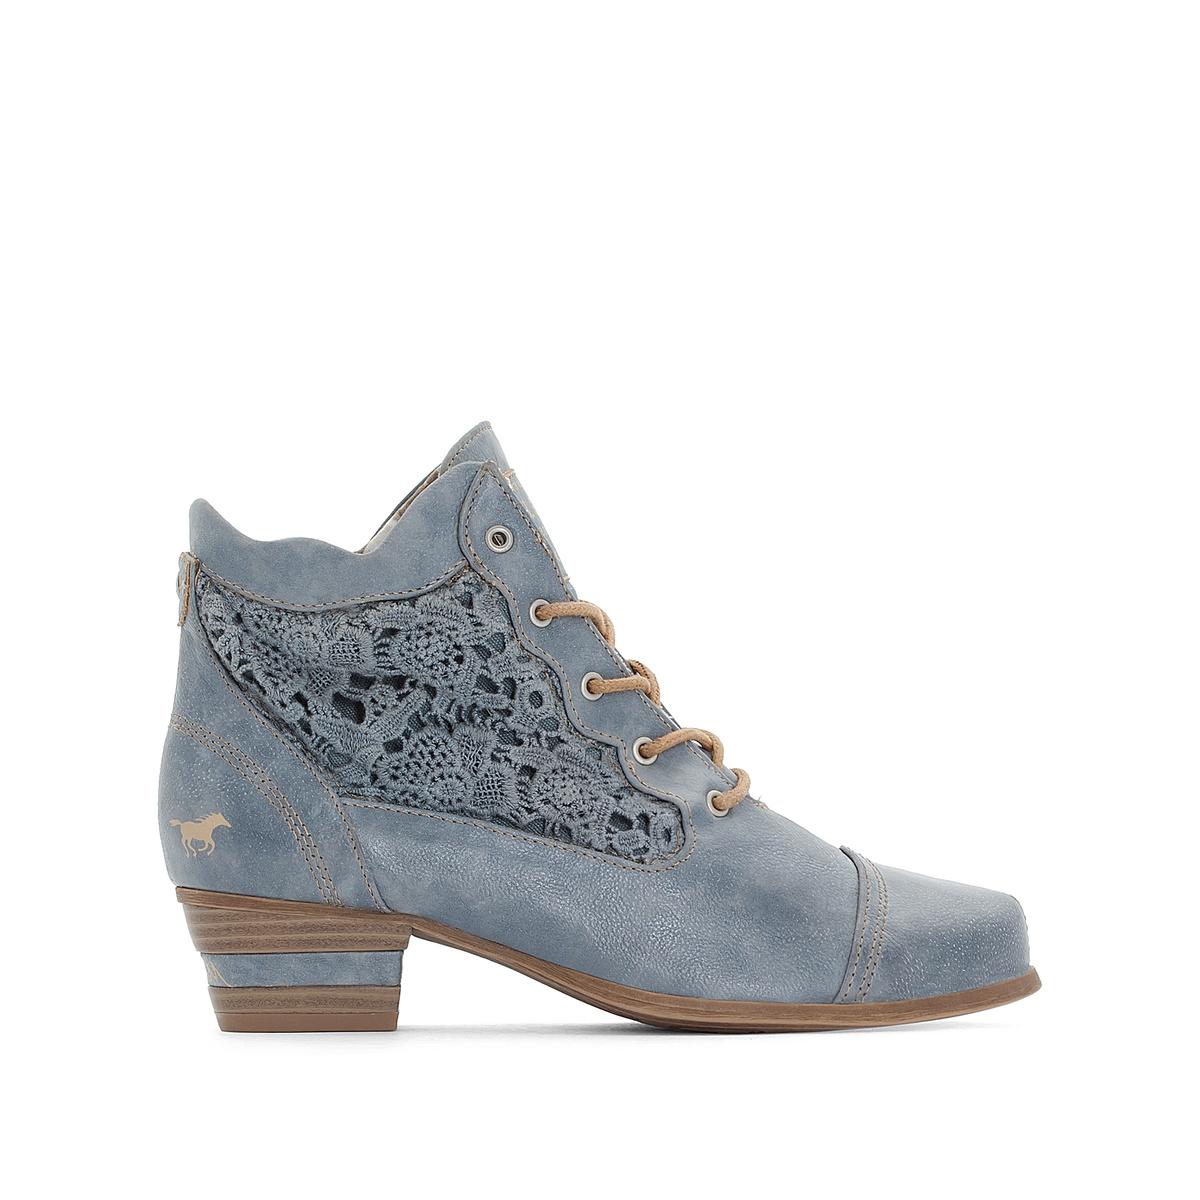 Ботинки на шнуровке ботинки женские зимние на шнуровке без каблука купить